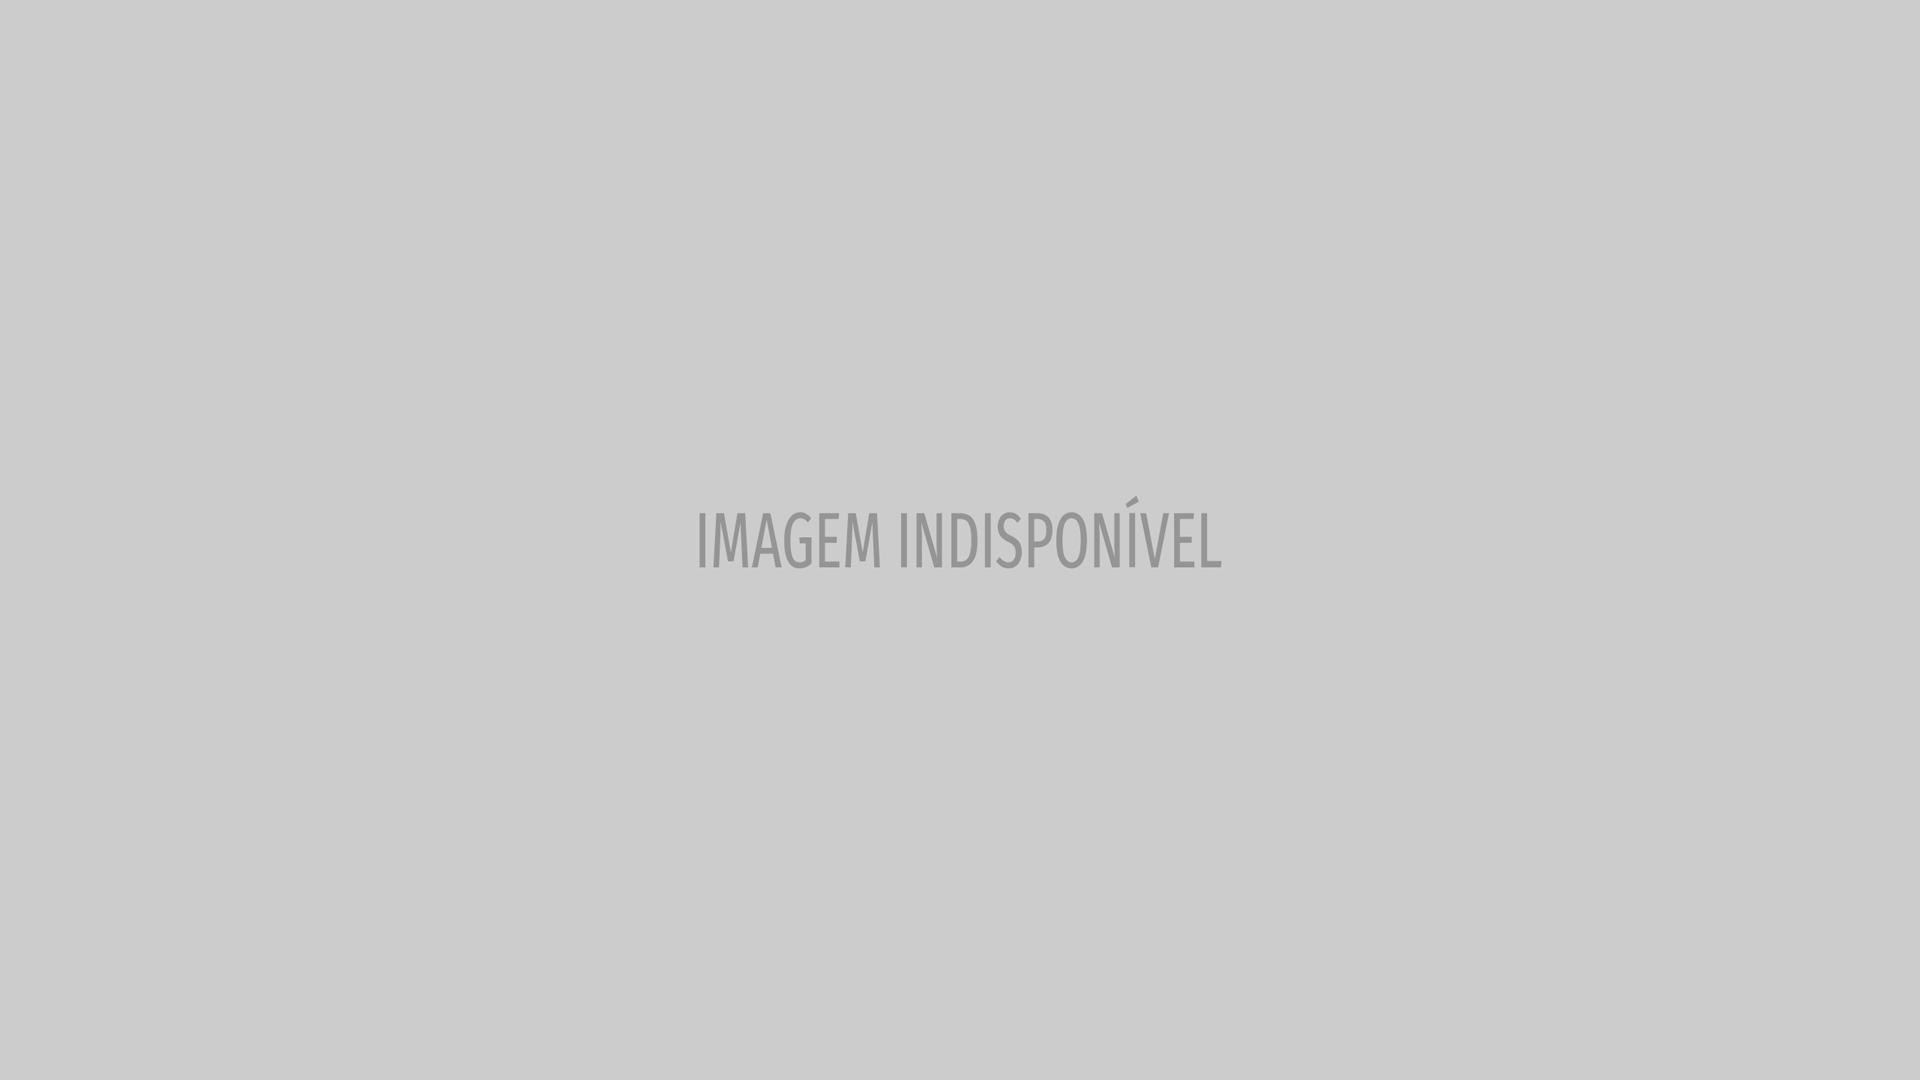 Anitta divulga cenas de seu novo clipe em que aparece nua